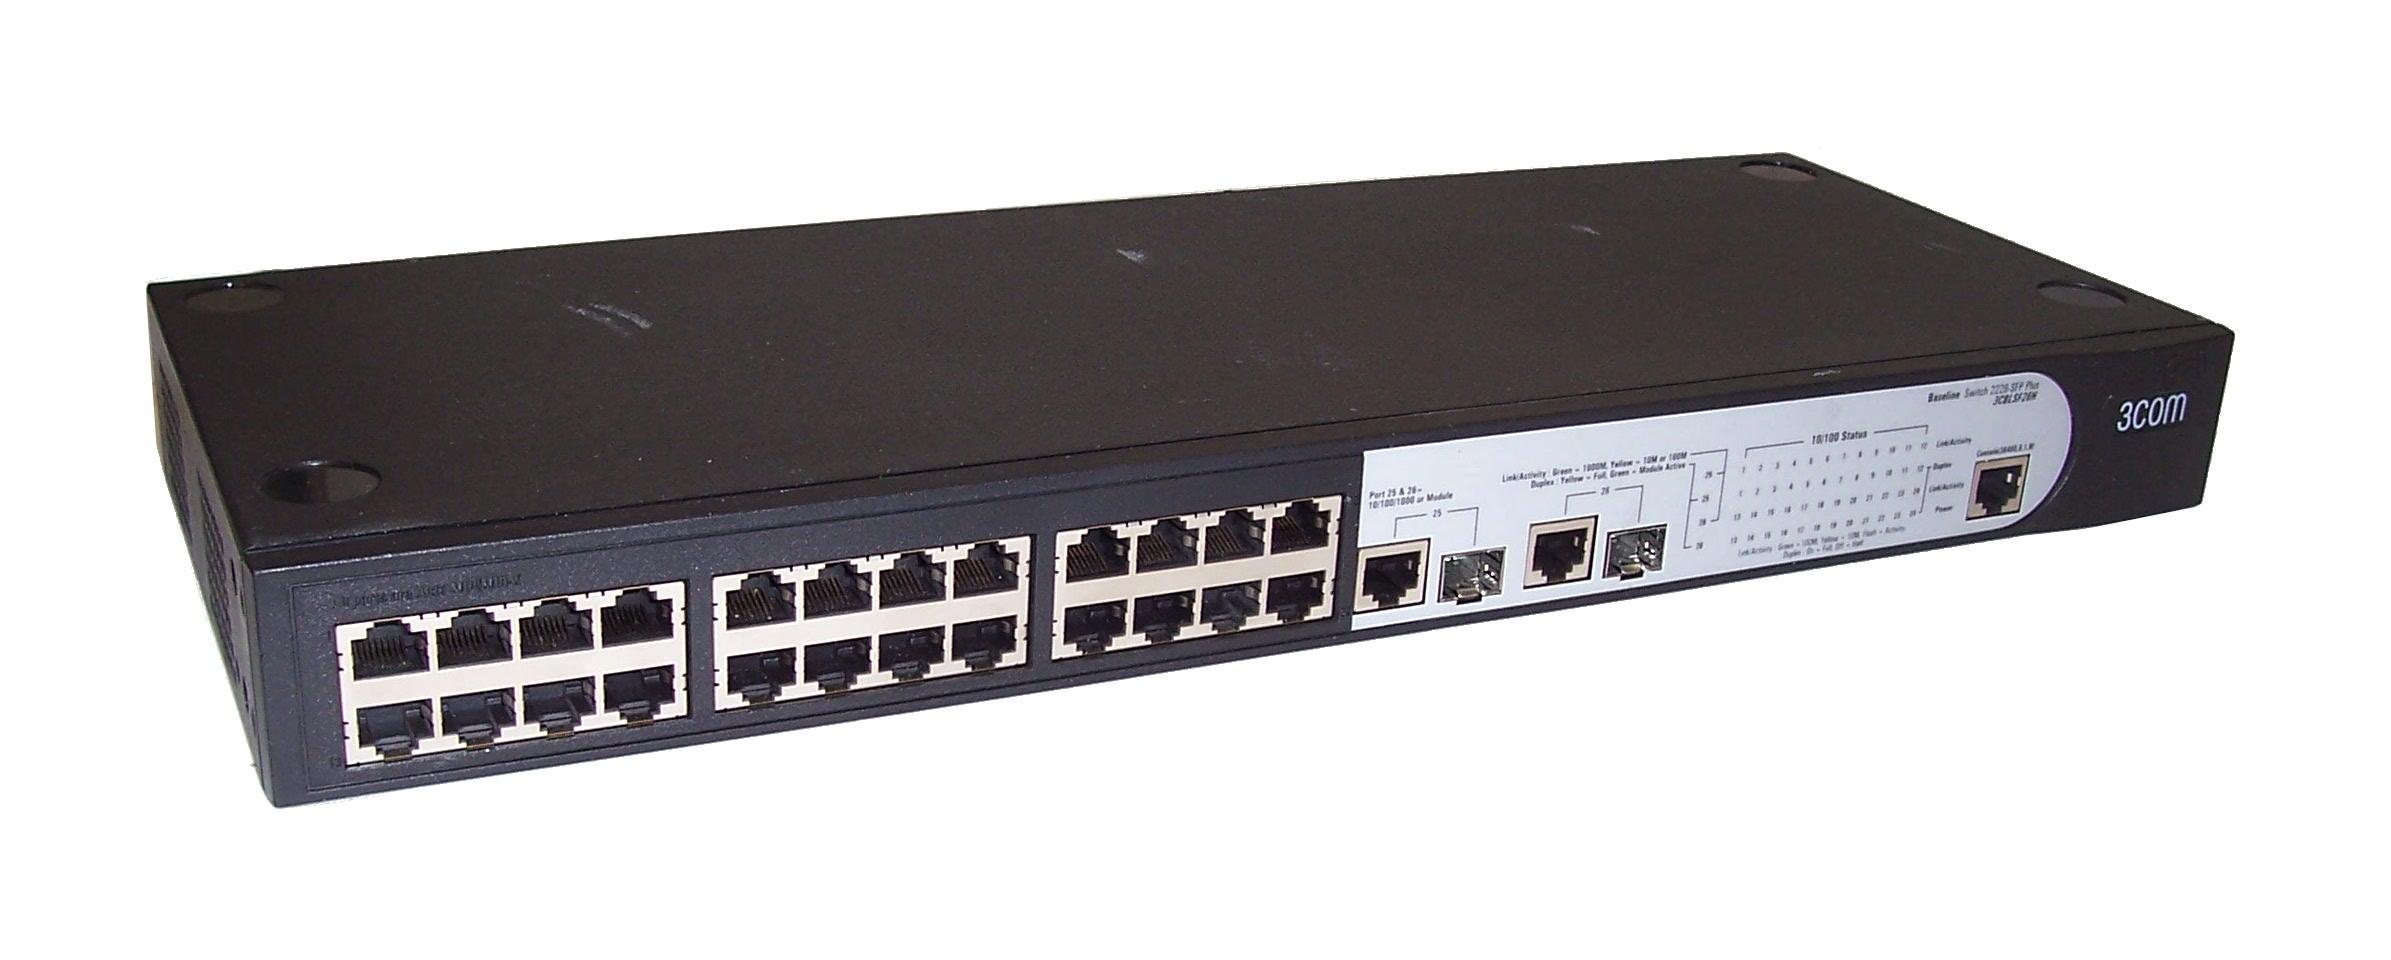 3com 3cblsf26h baseline 2226 sfp plus 24 ports switch ebay for 3 com switch